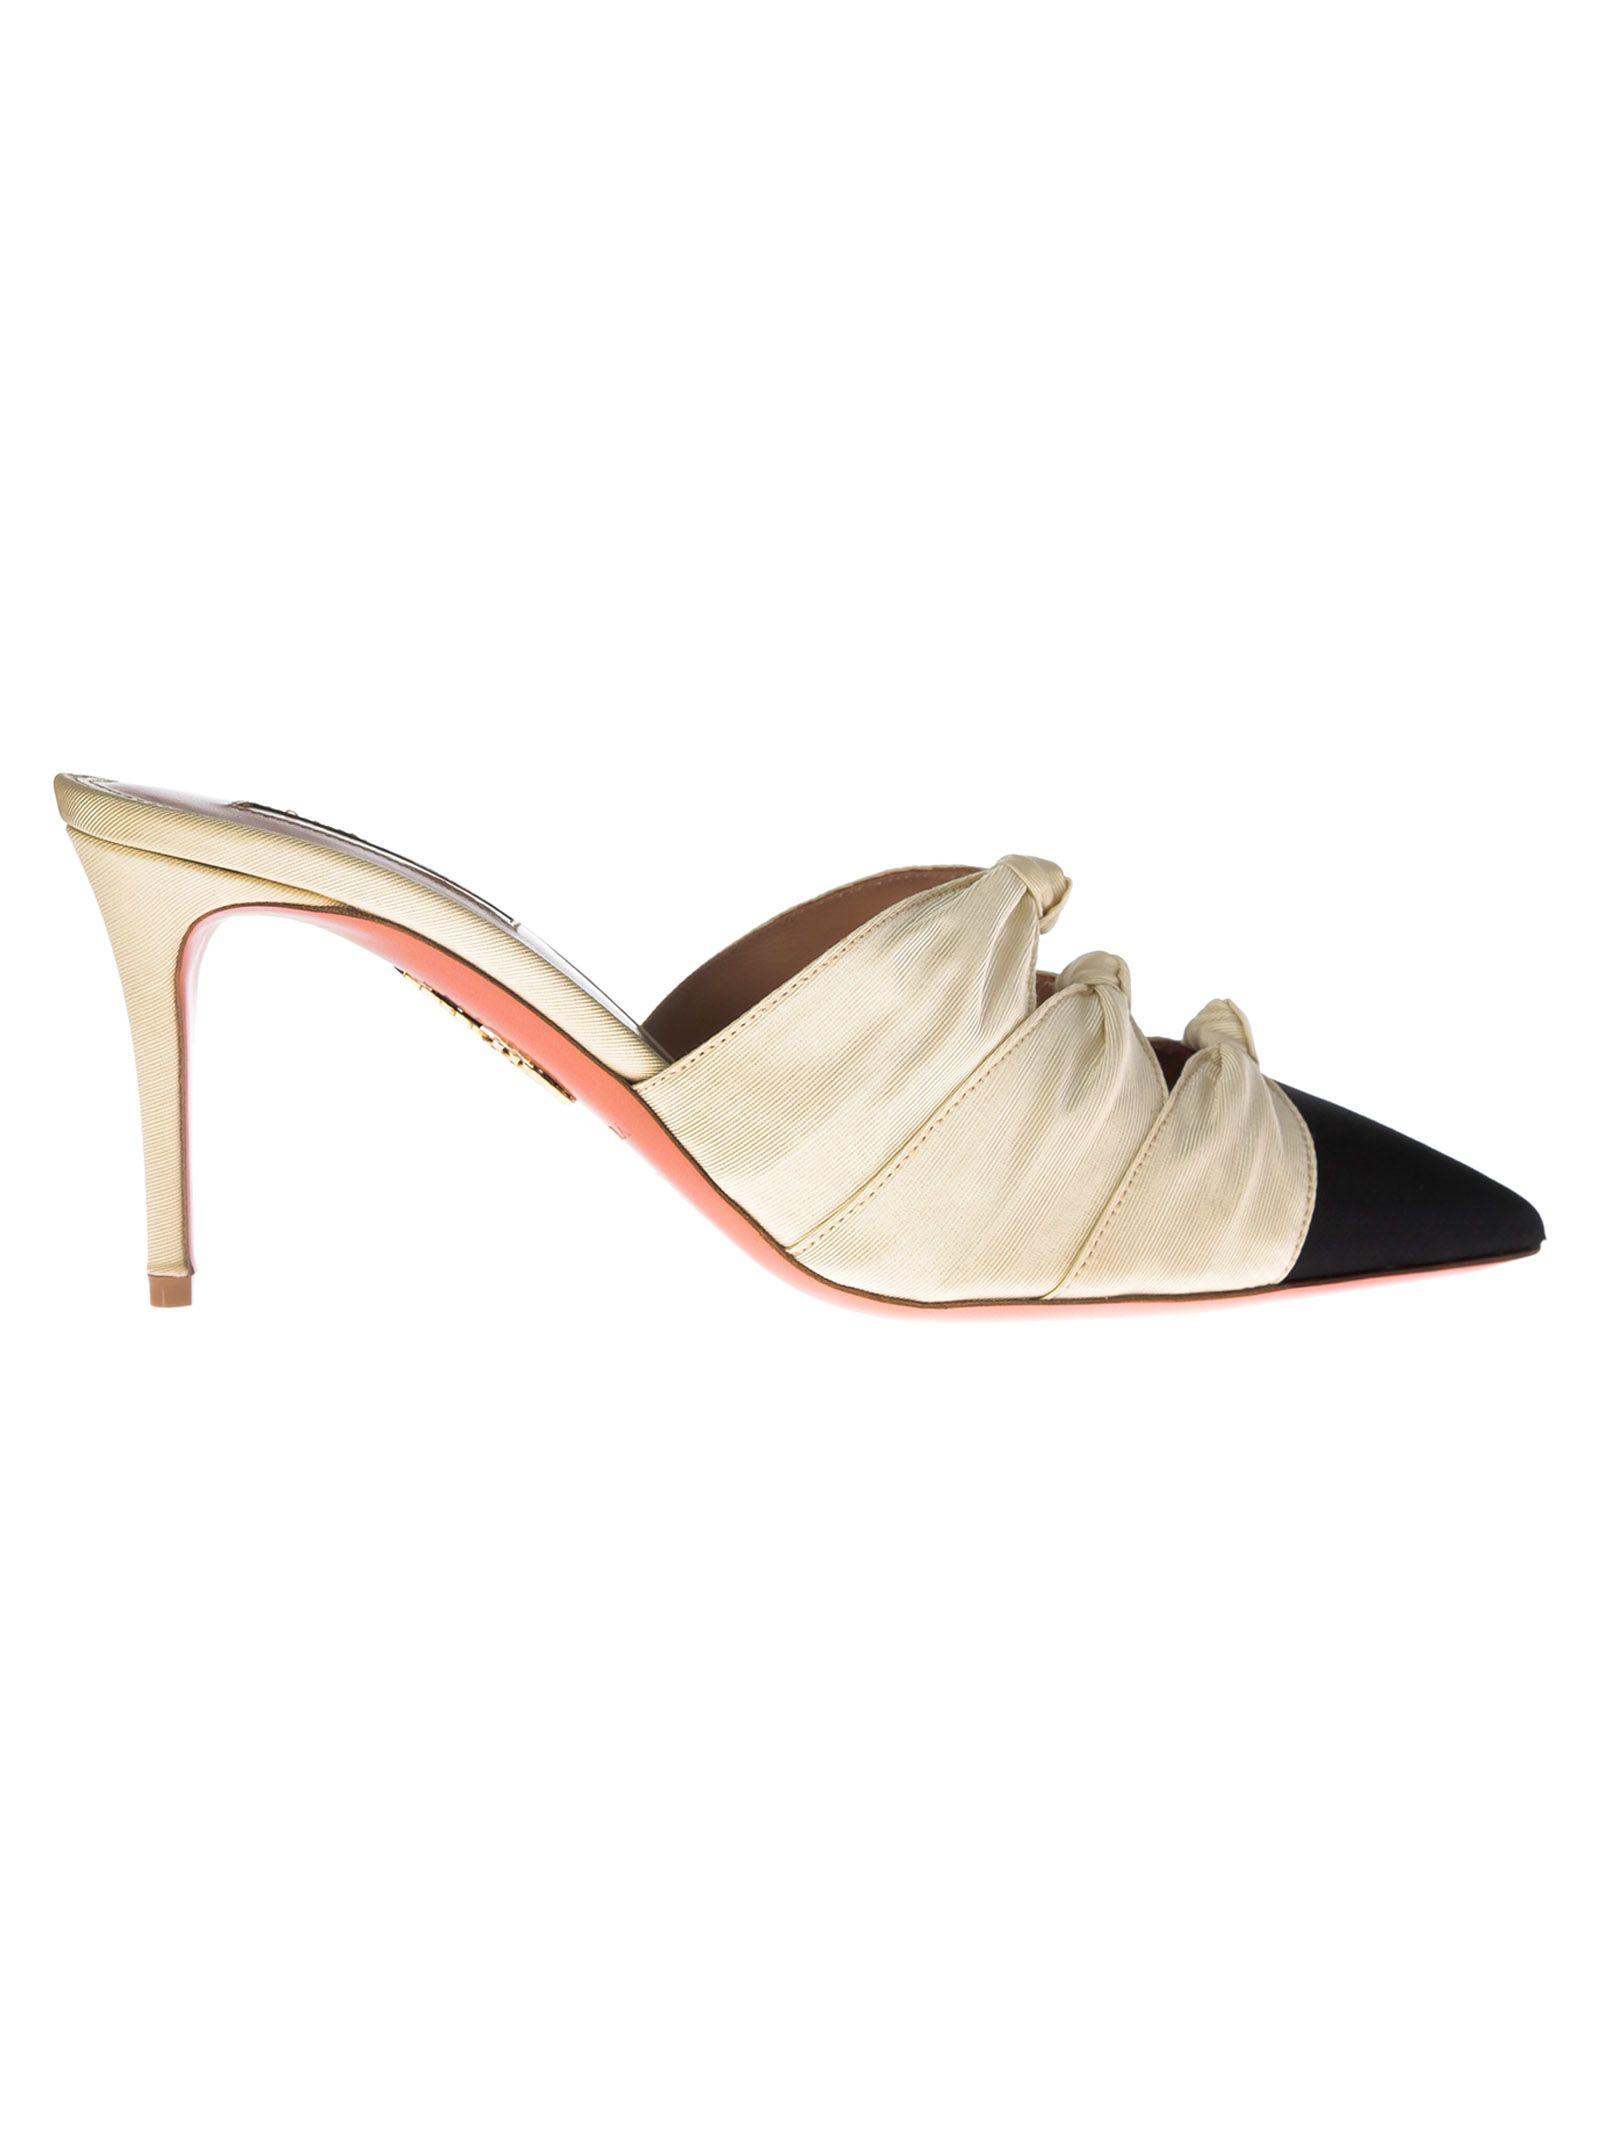 Aquazzura Shoes Aquazzura Strappy Mules